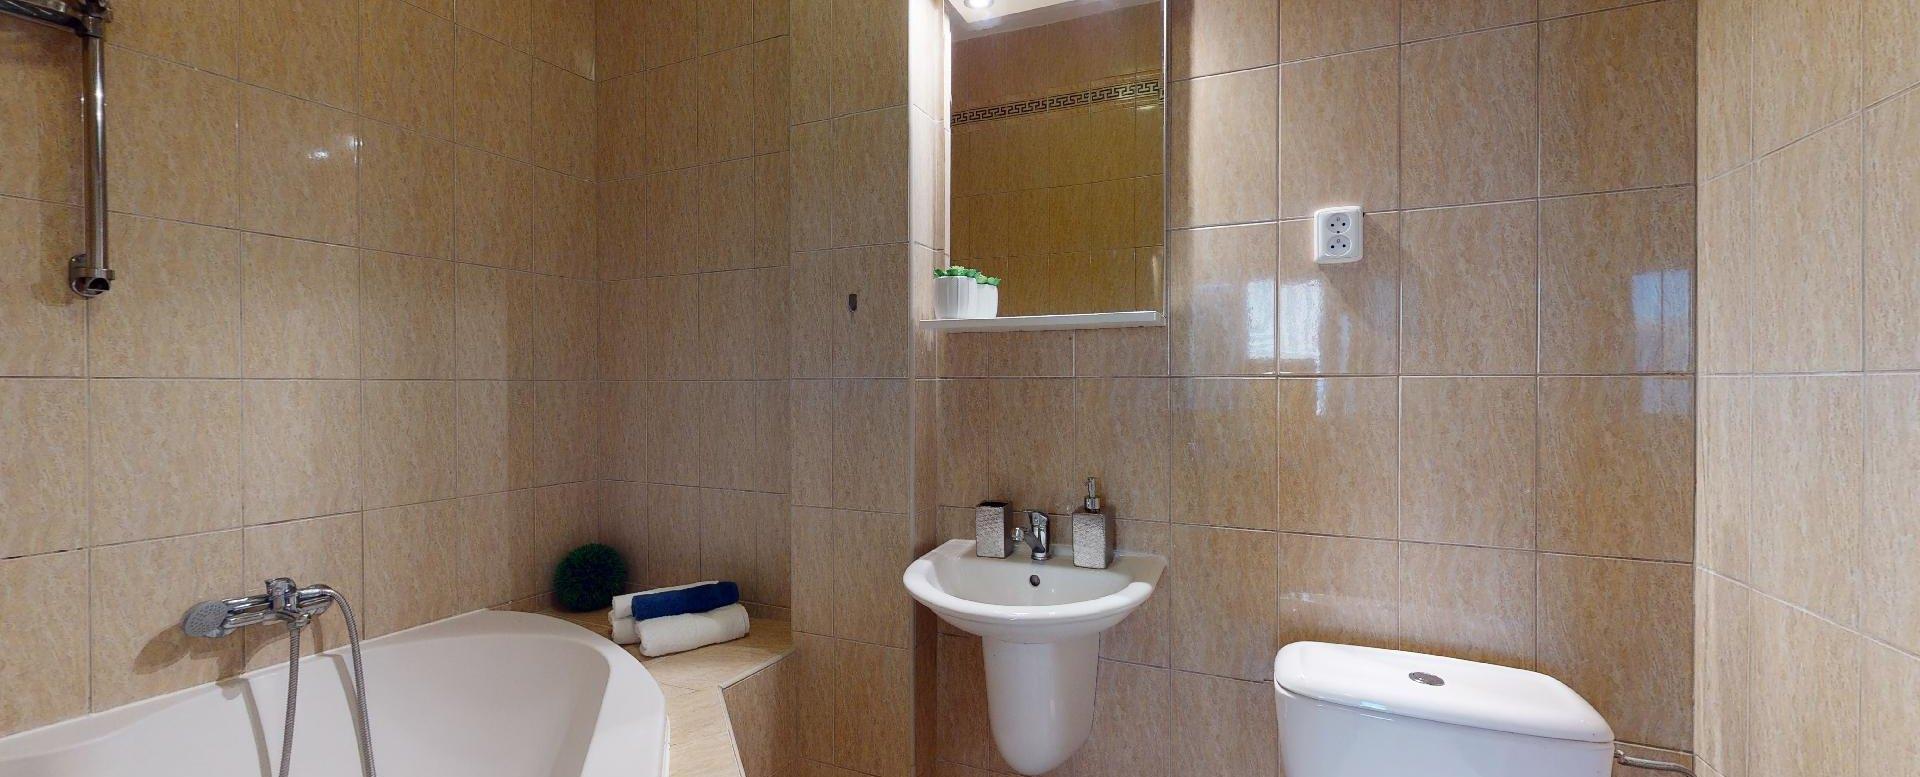 Pohľad do kúpelne 2-izbového bytu v Manderláku